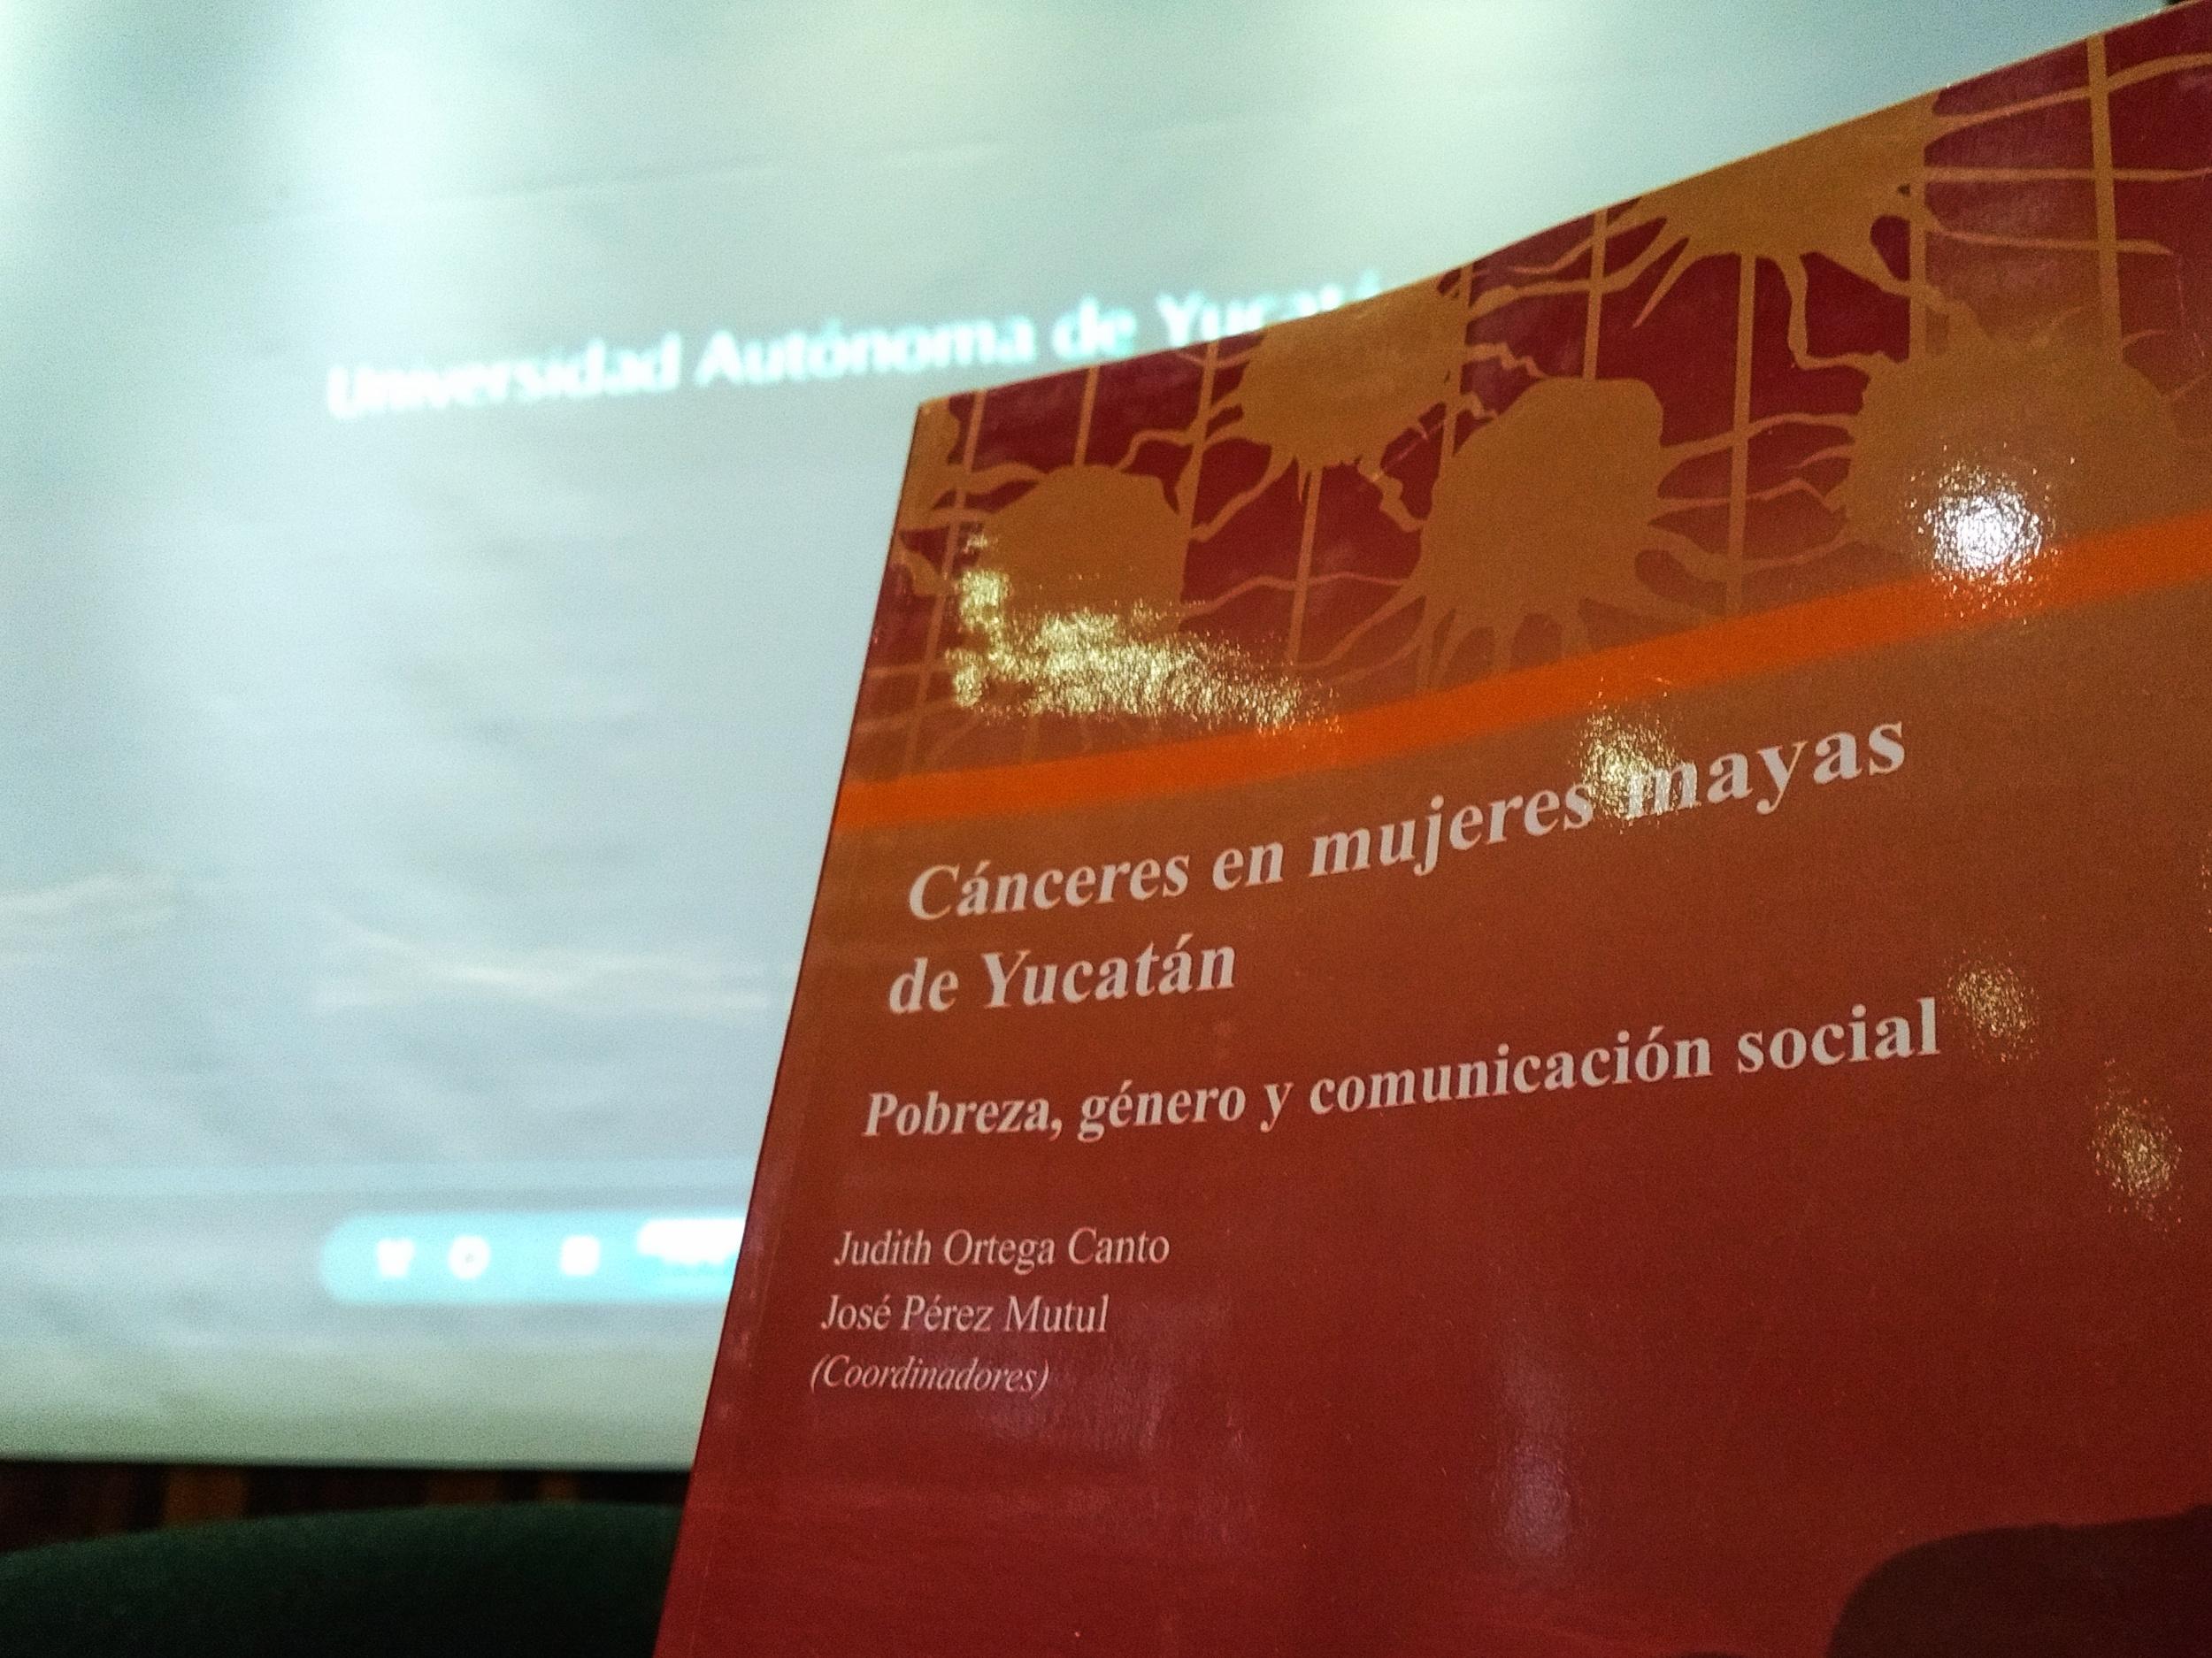 Yucatán, laboratorio de nuevas formas para combatir cáncer en mujeres